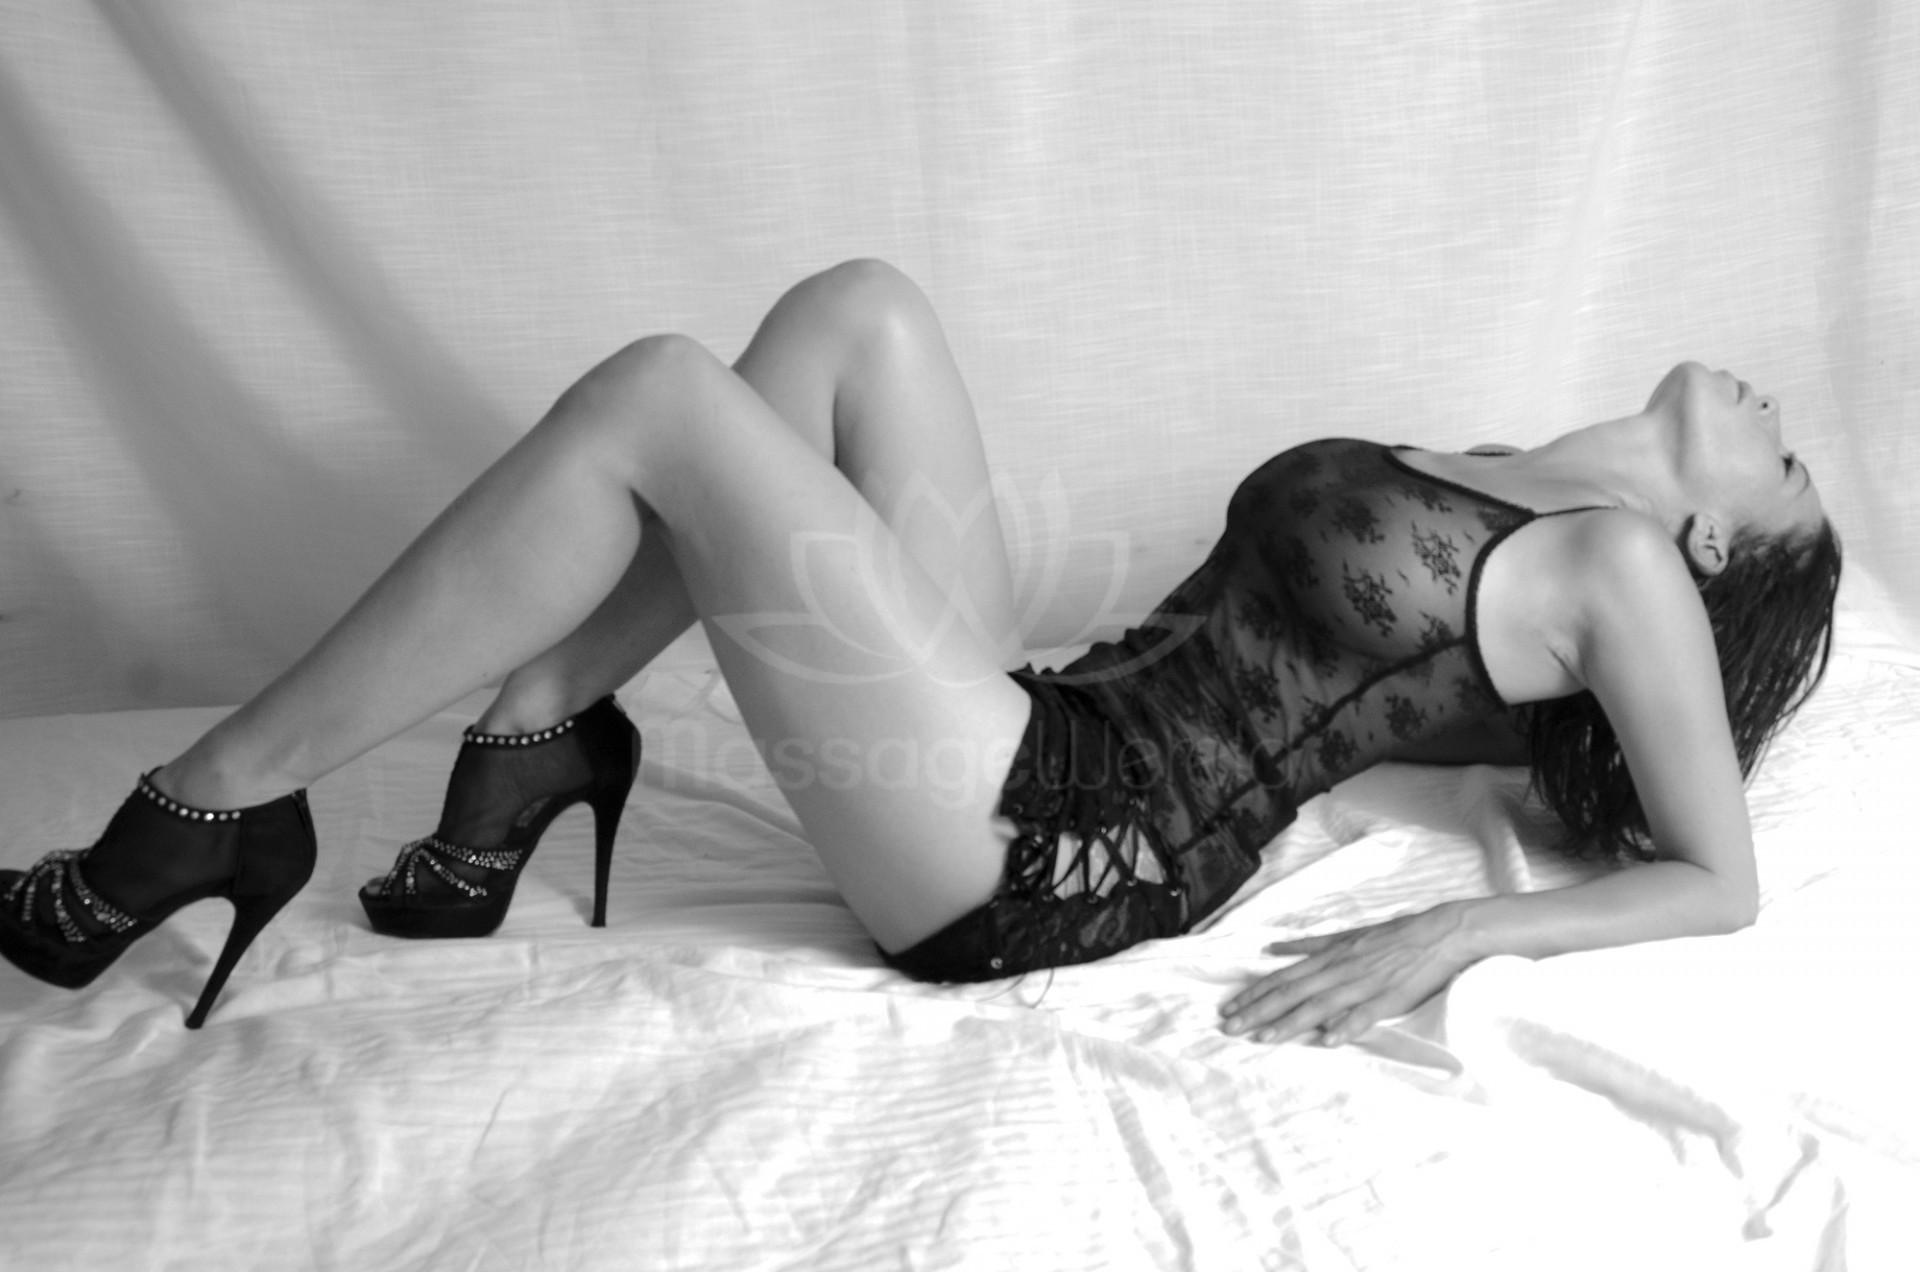 sexfilms be erotische massage weert